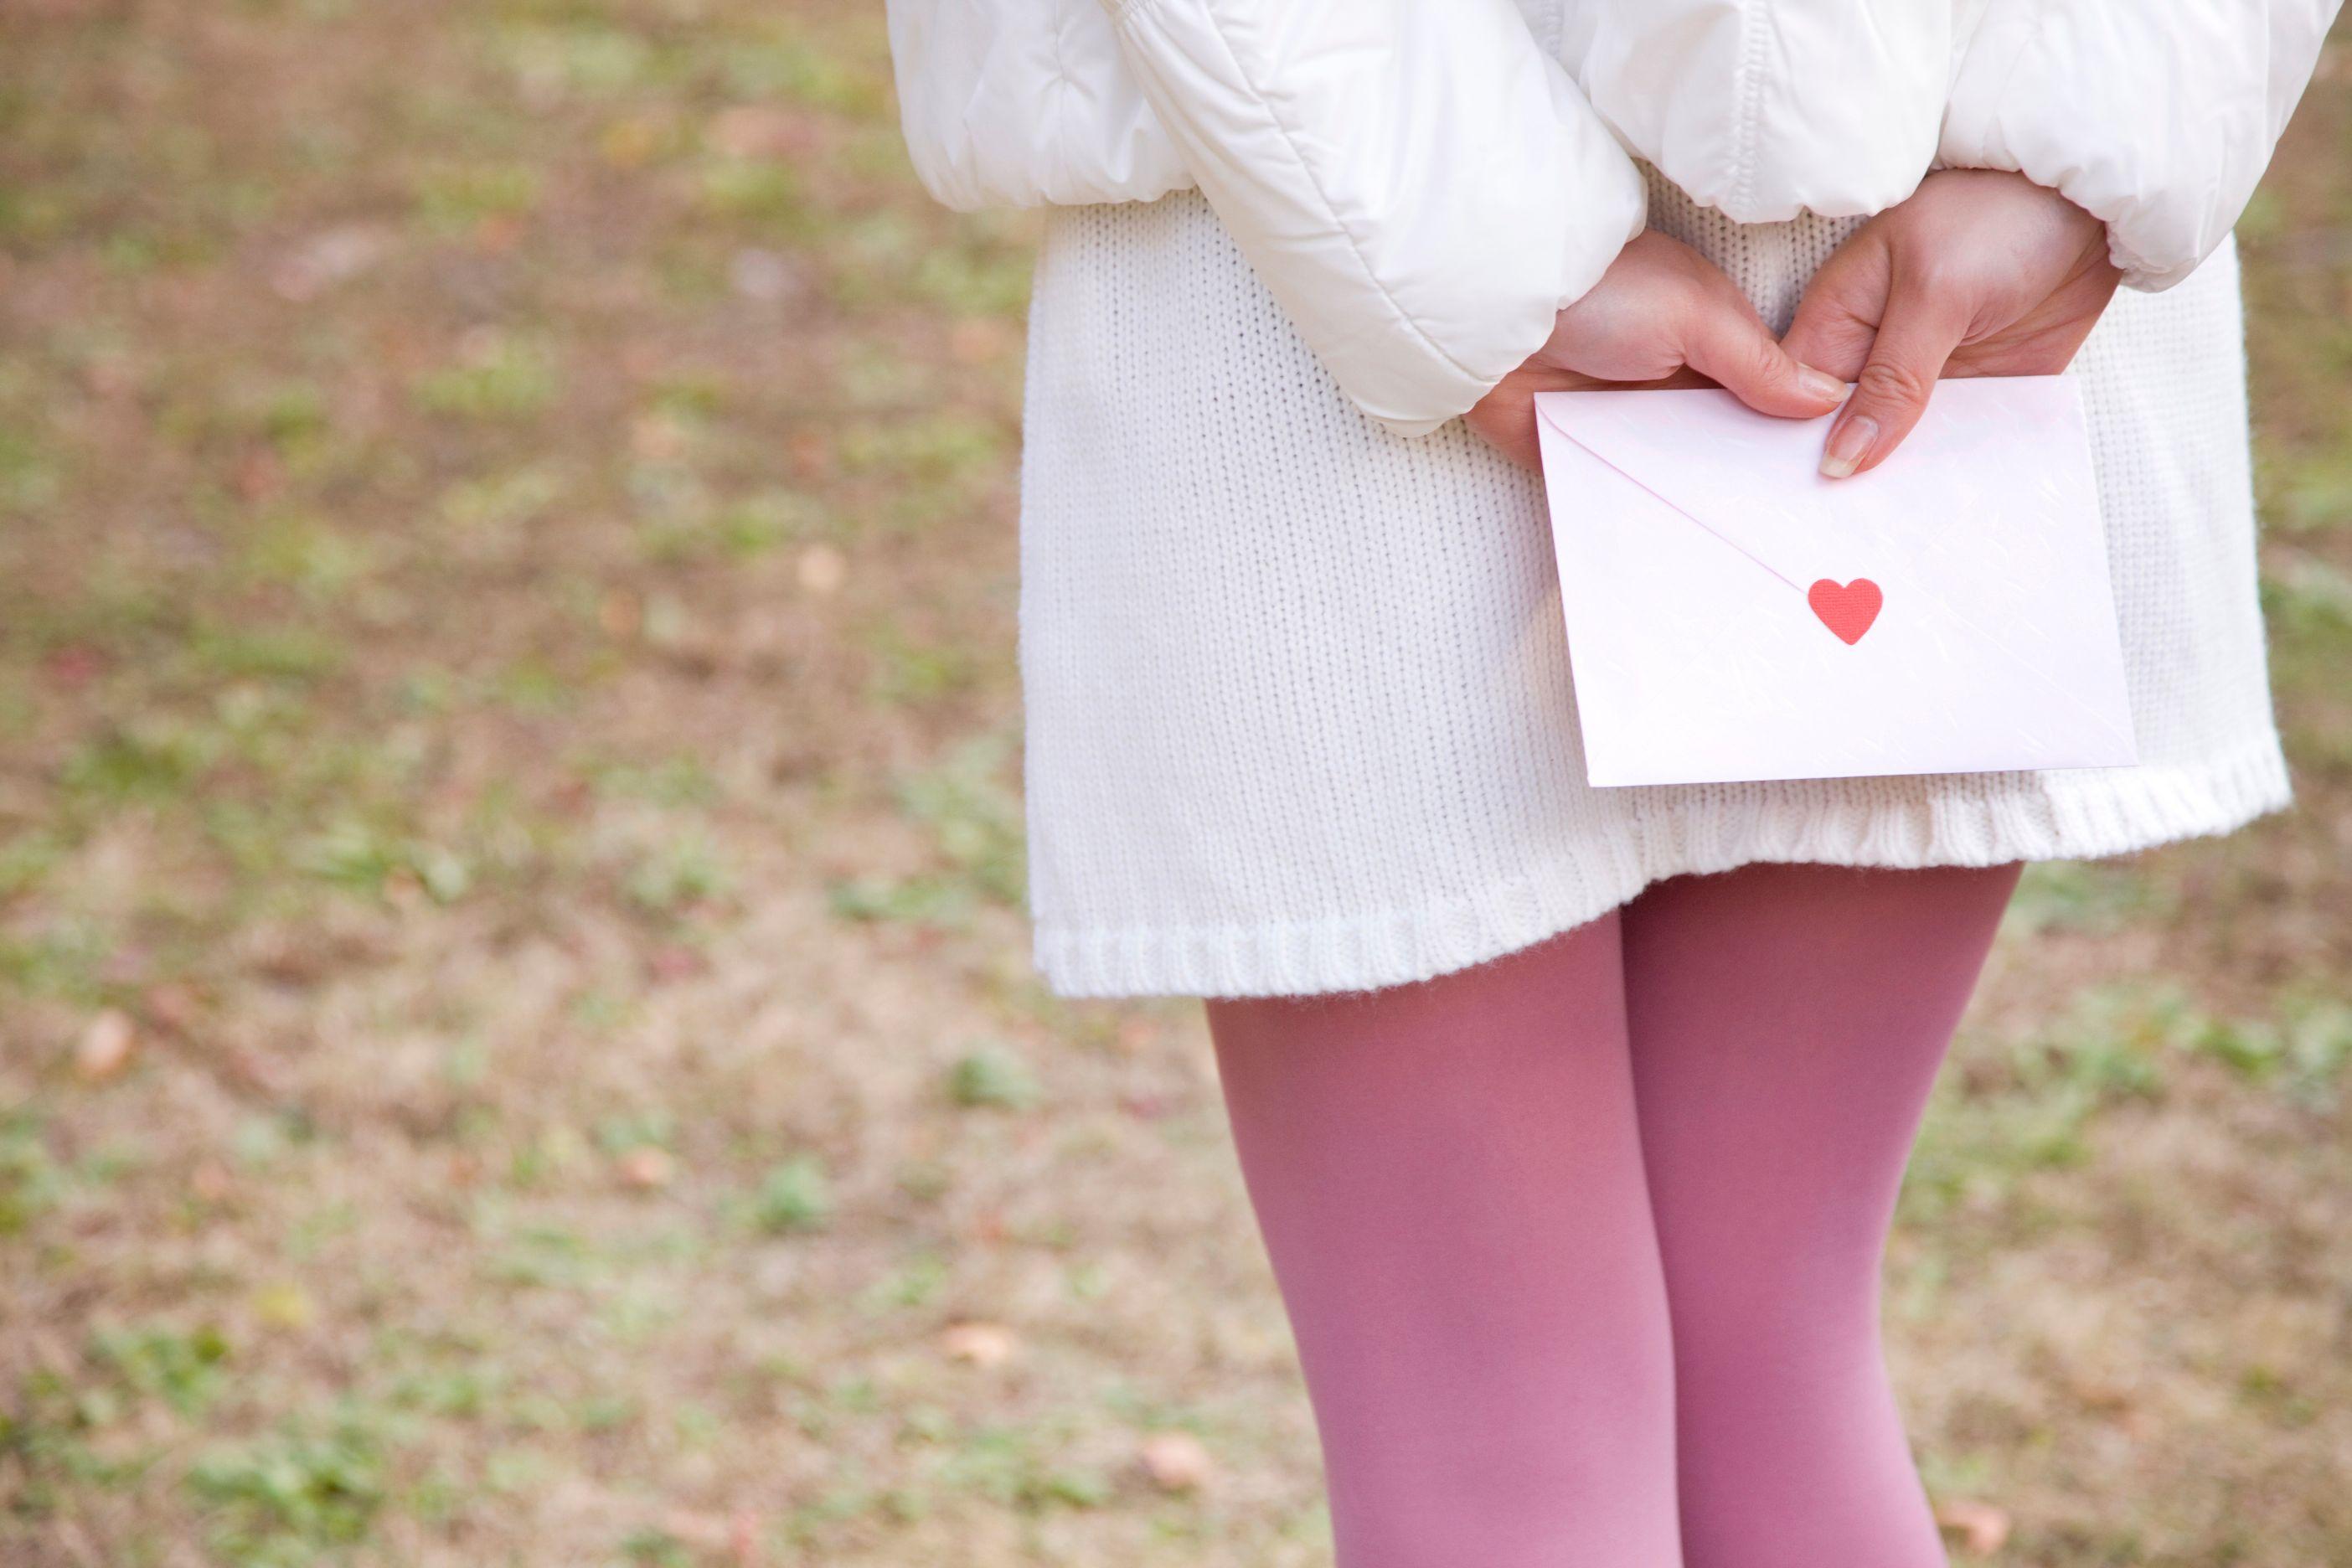 片思いの失恋を忘れたい!立ち直るための5つの方法を紹介!